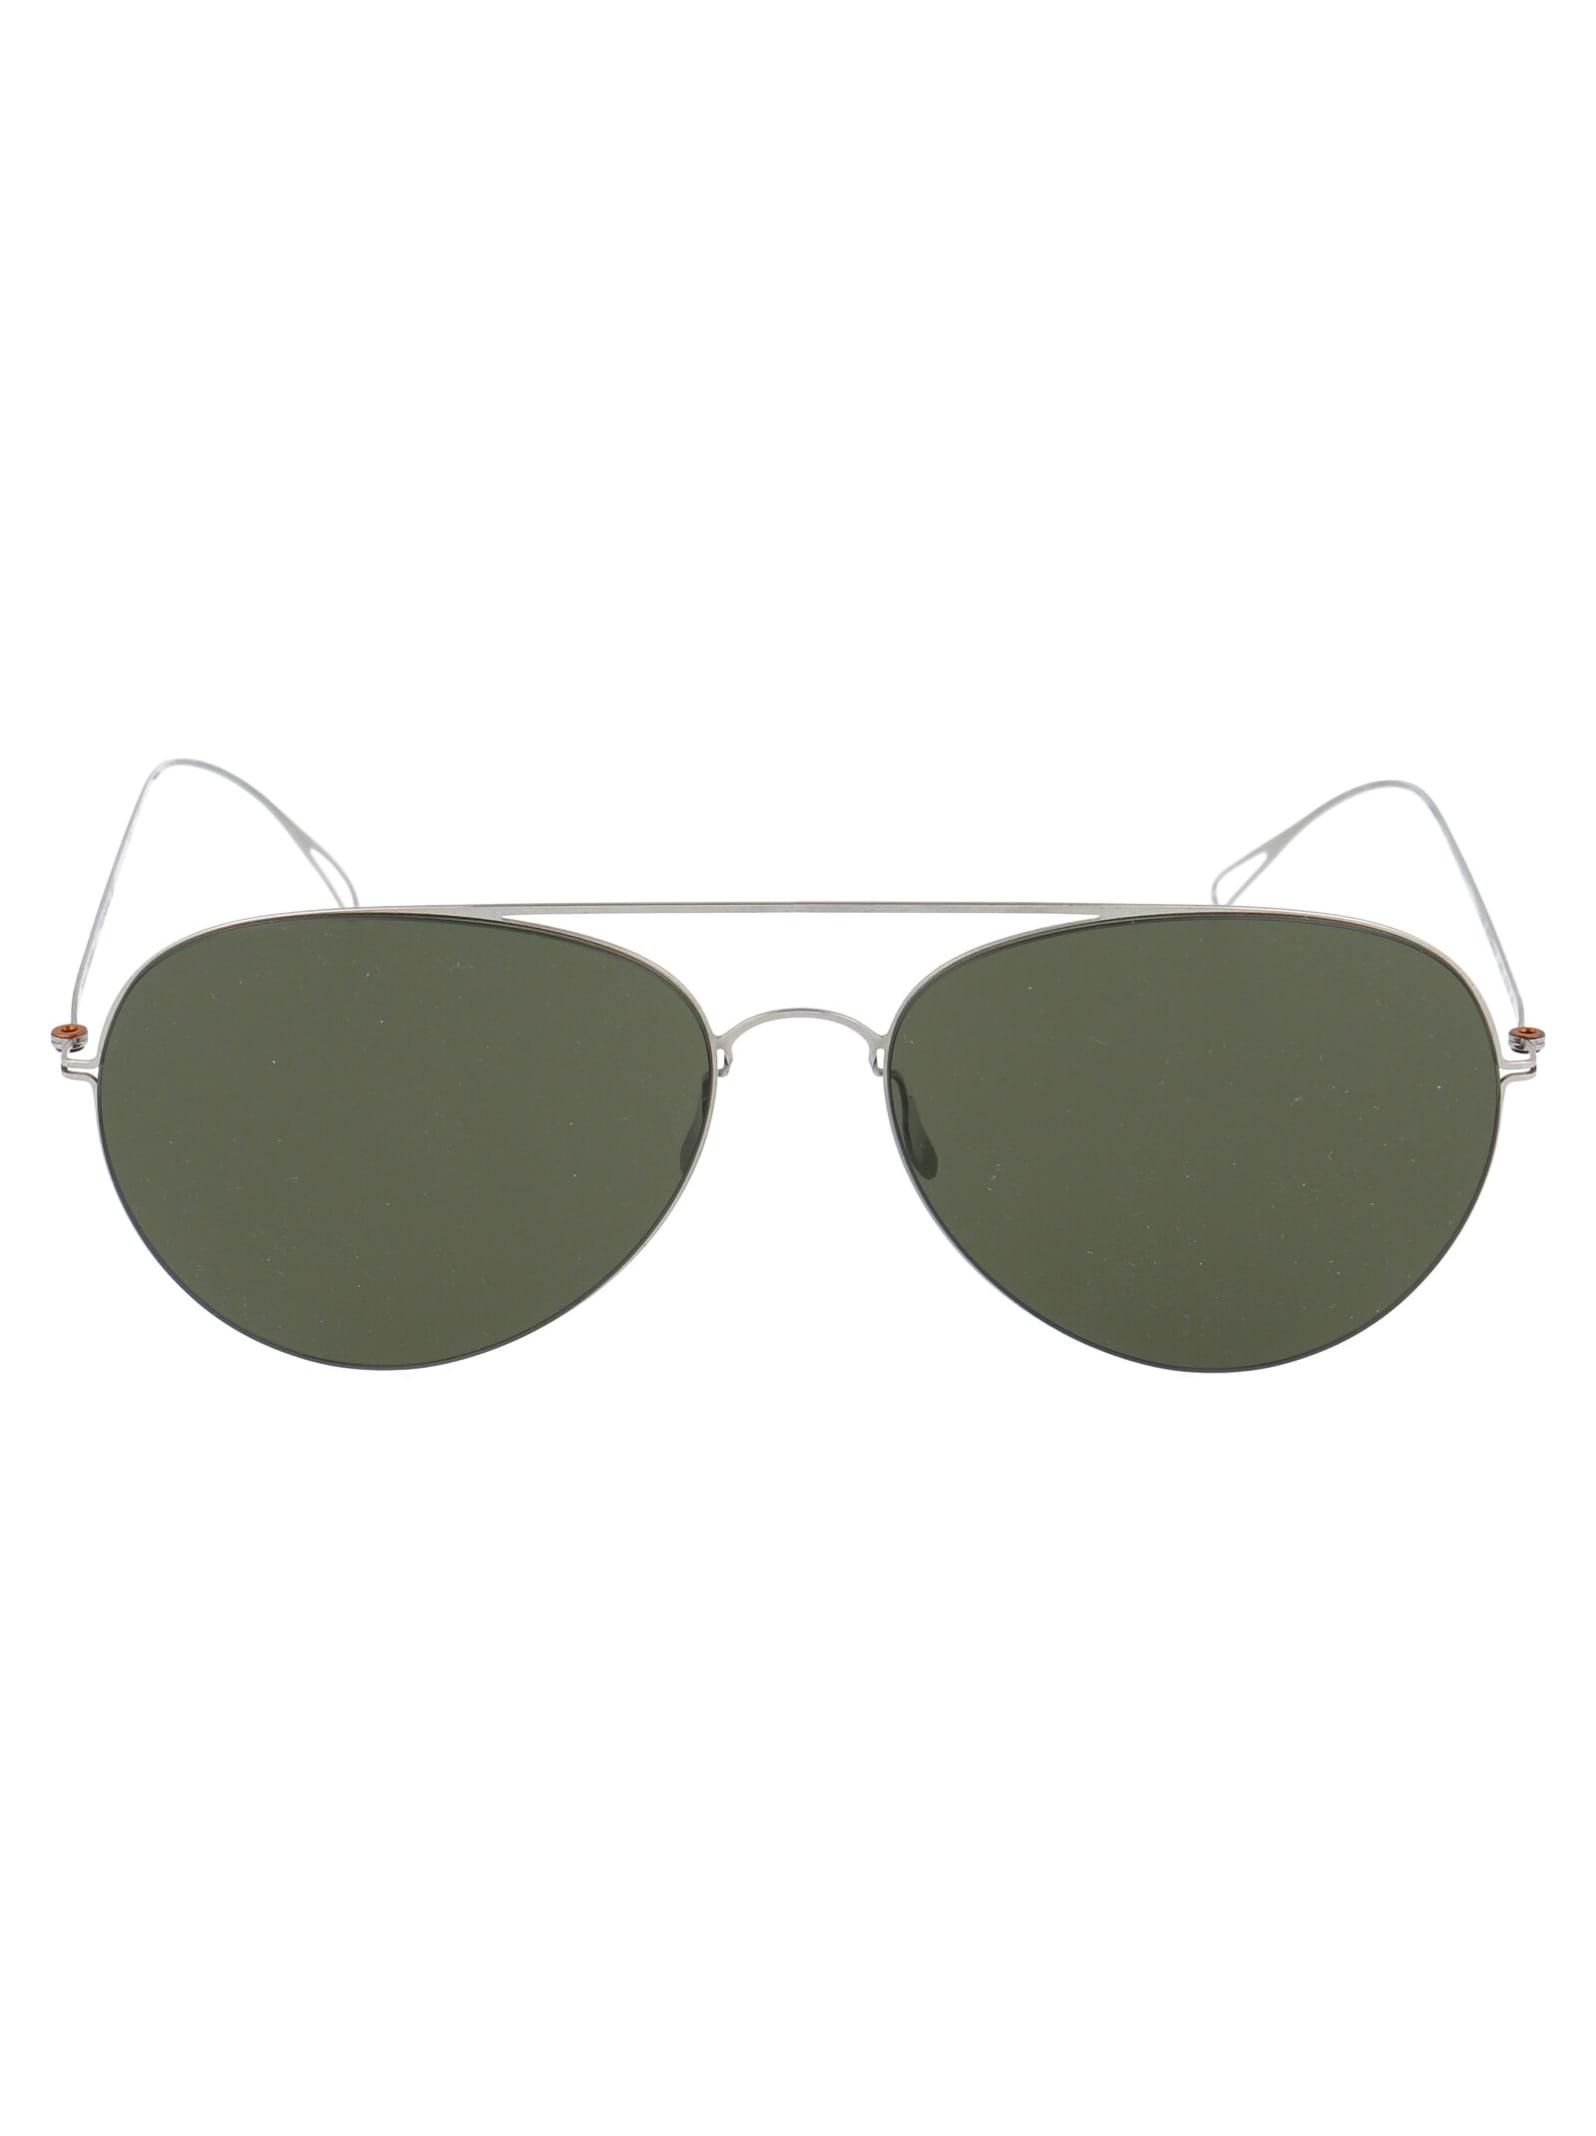 Centennial Sunglasses